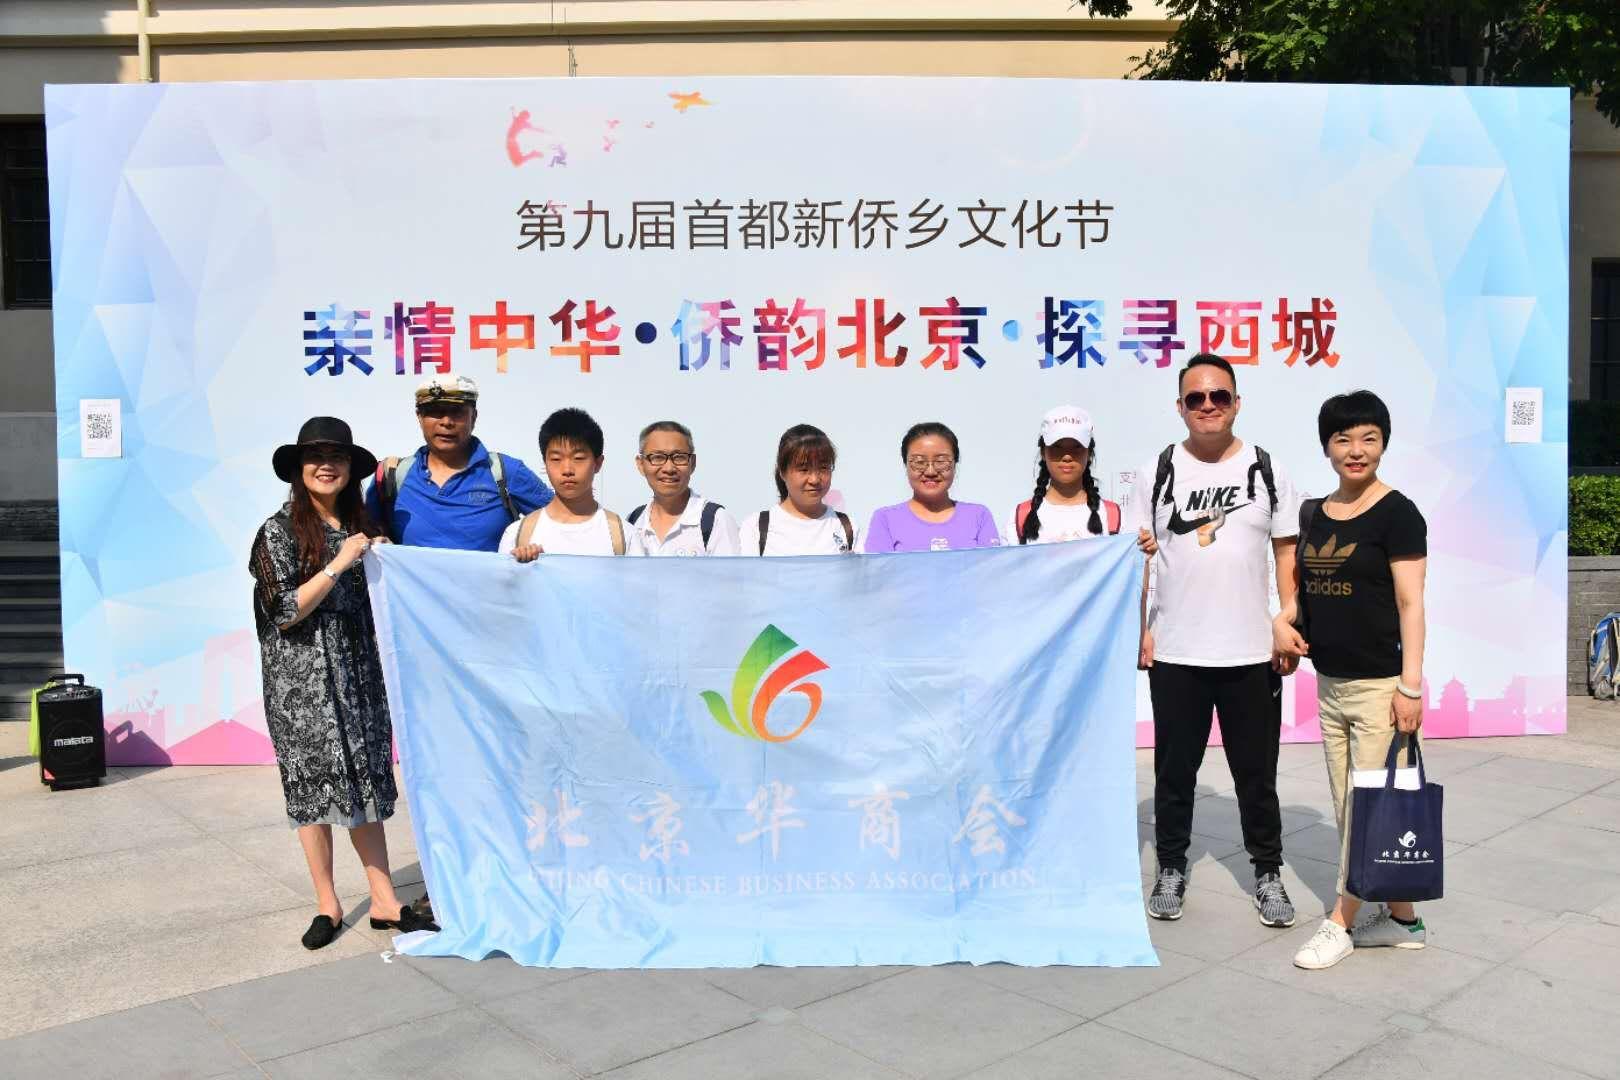 北京华商会组织会员参加城市文脉探寻活动